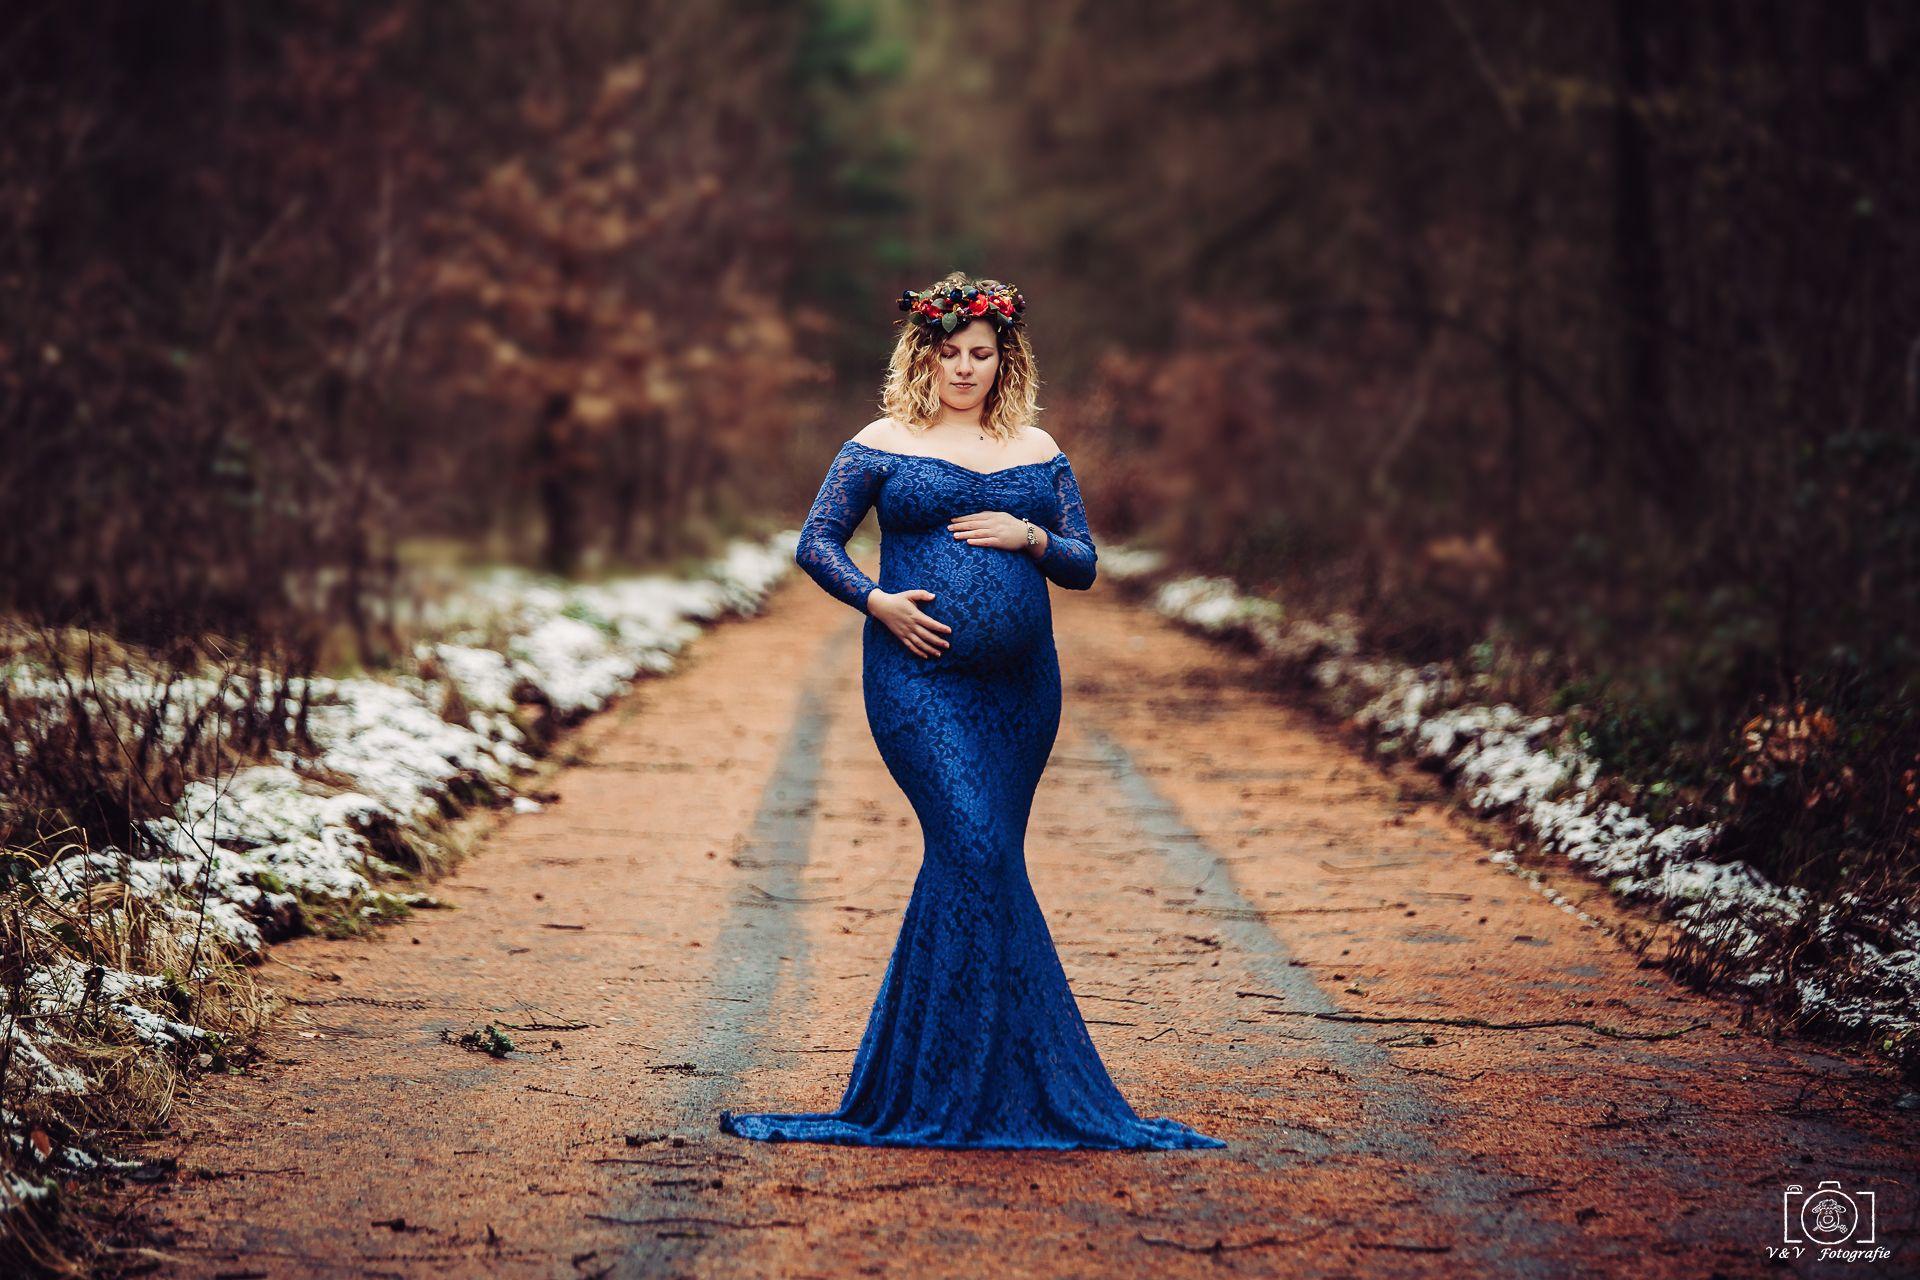 Schwangerschaftsshooting winter, Babybauchbild winter ...